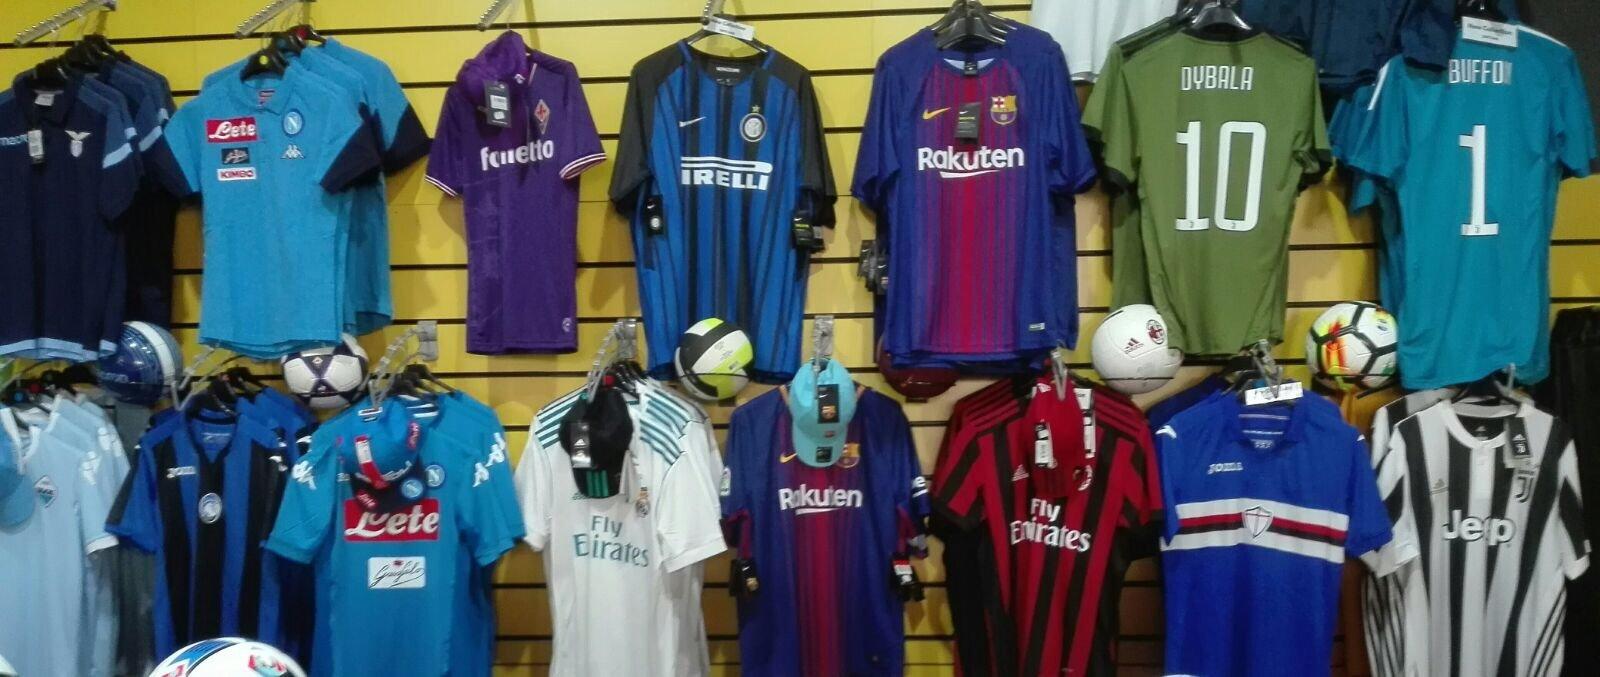 fornitura abbigliamento calcio